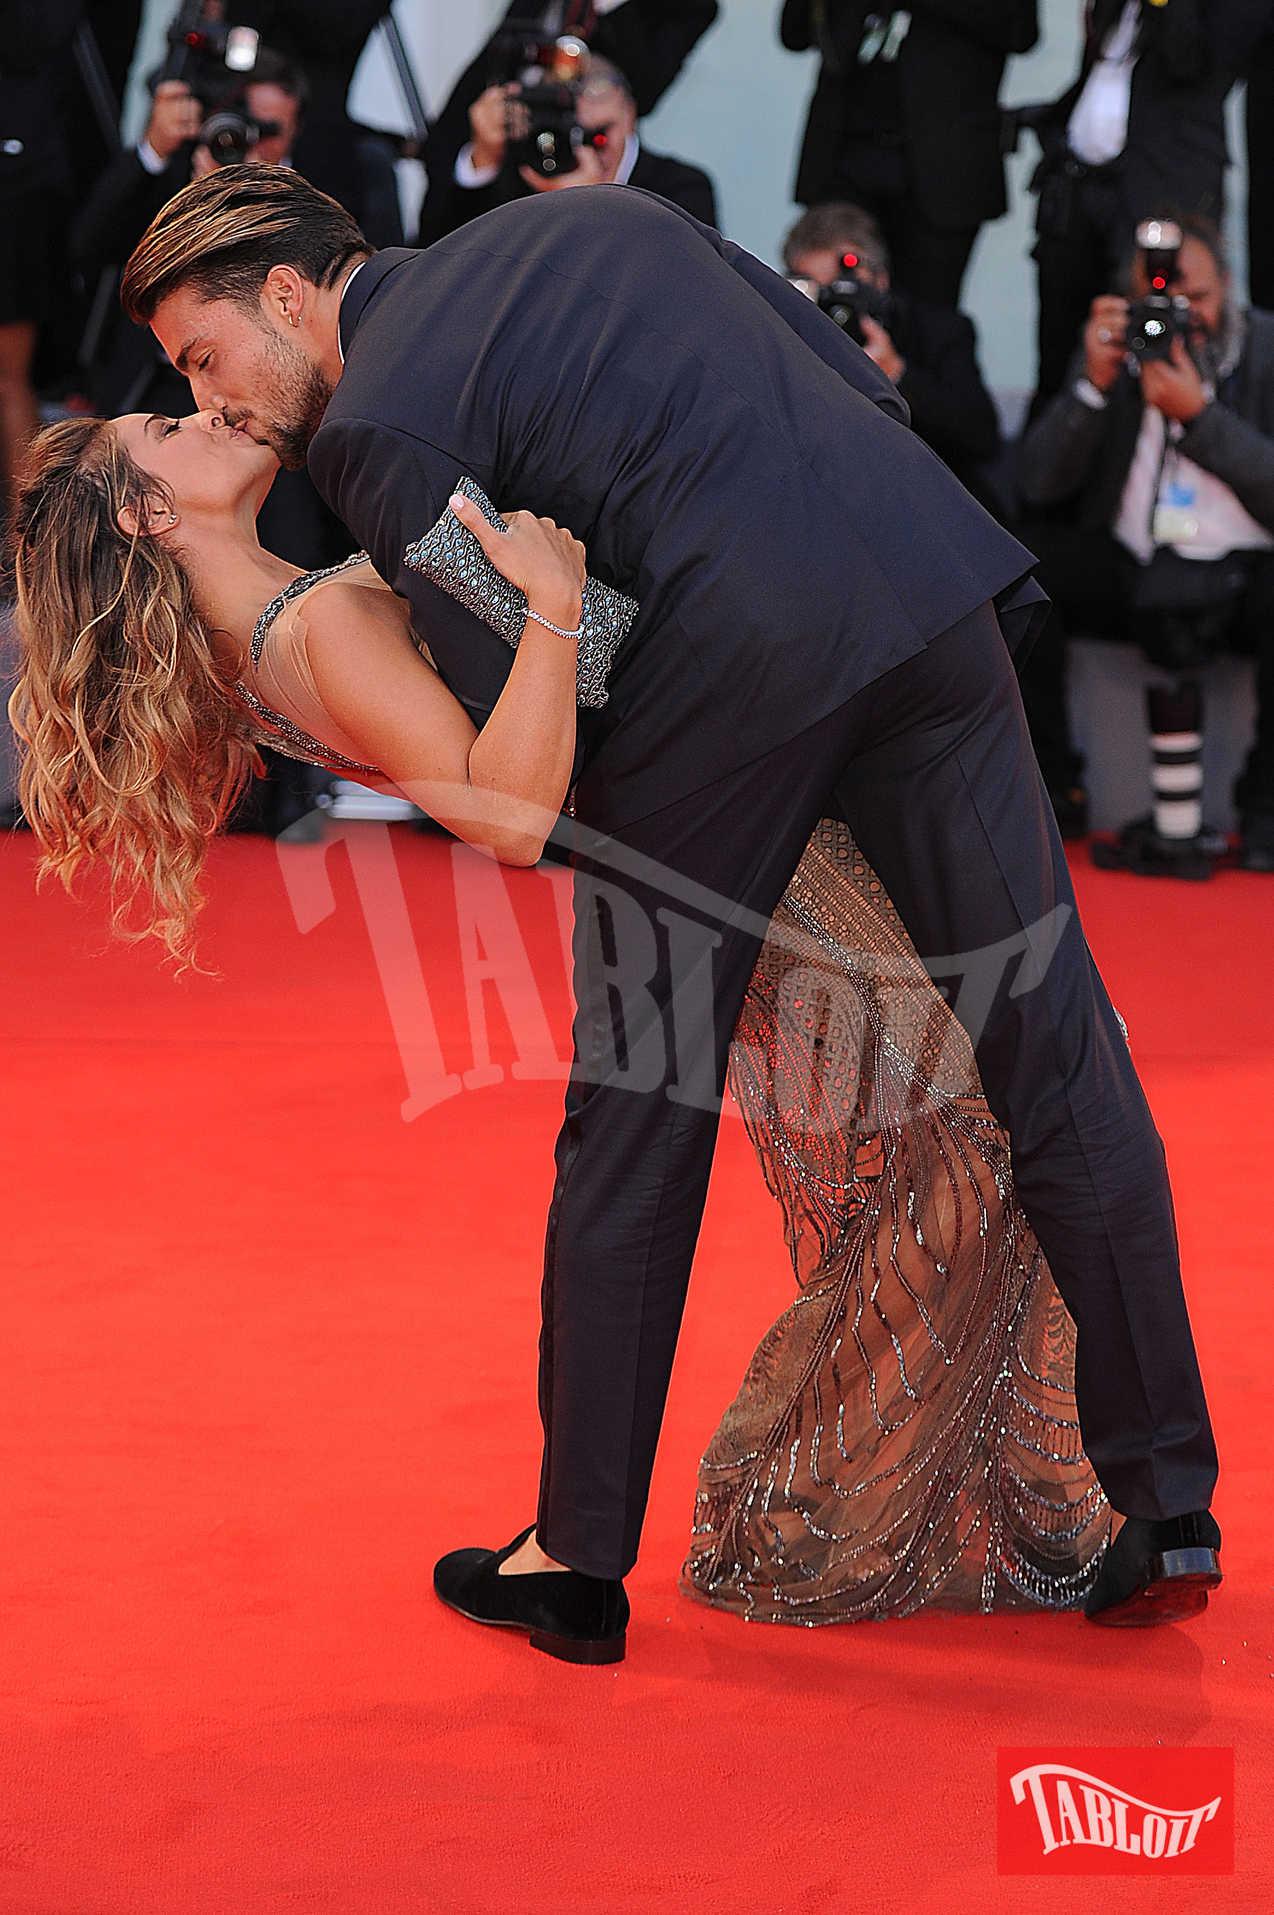 Eleonora Brunacci e Mariano Di Vaio sul red carpet del Festival del Cinema di Venezia